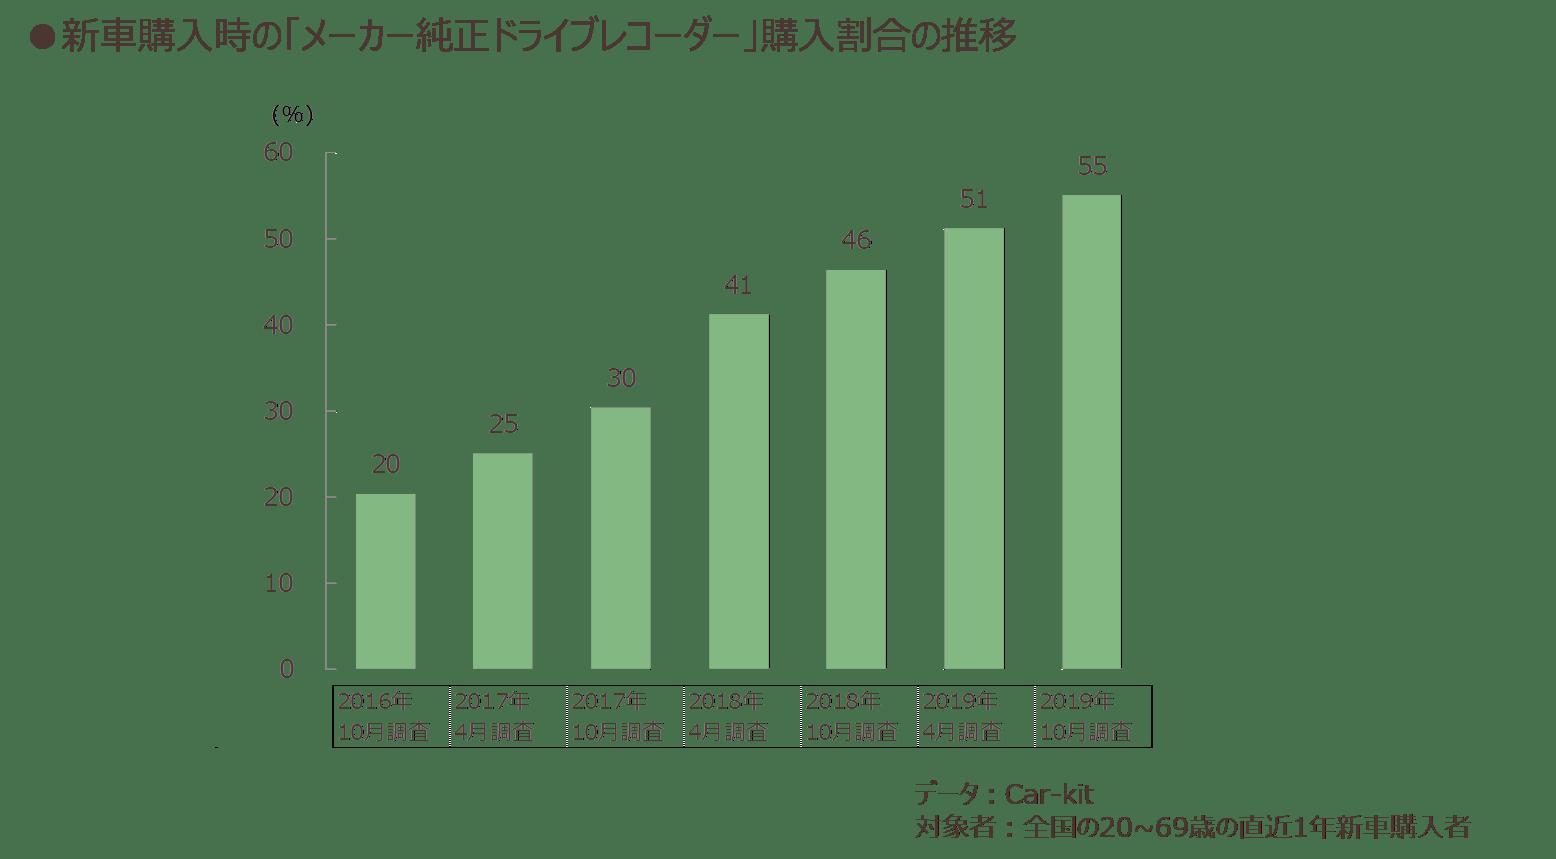 新車購入時の「メーカー純正ドライブレコーダー」購入割合の推移